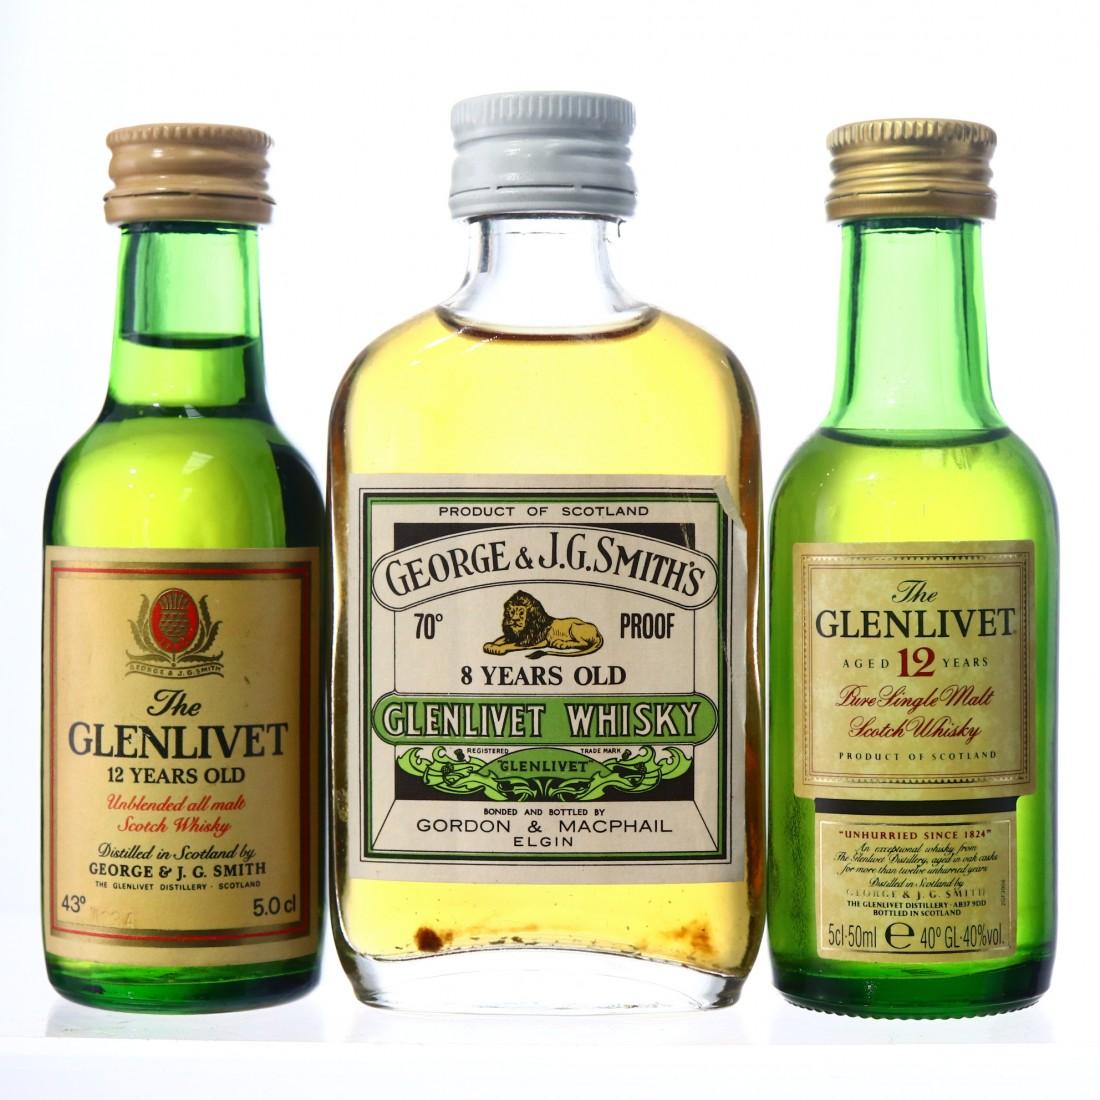 Glenlivet Miniature Collection 3 x 5cl